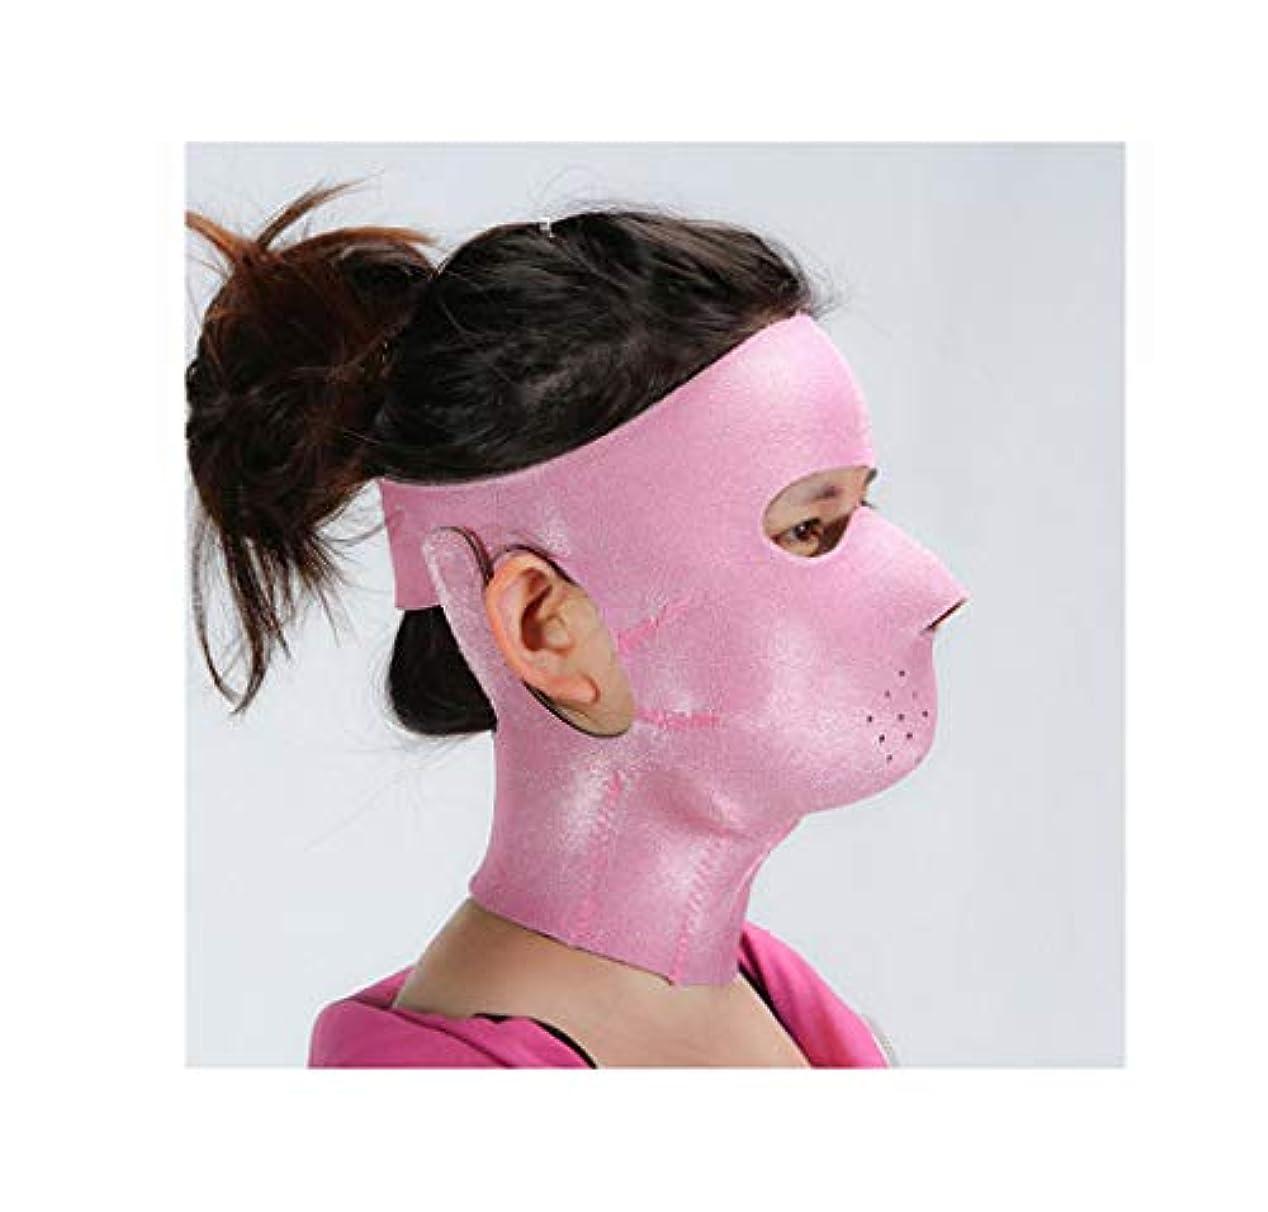 ペレット審判医学TLMY 薄い顔マスクマスクプラス薄いマスク引き締めアンチエイジング薄いマスク顔の薄い顔マスクアーティファクト美容ネックバンド 顔用整形マスク